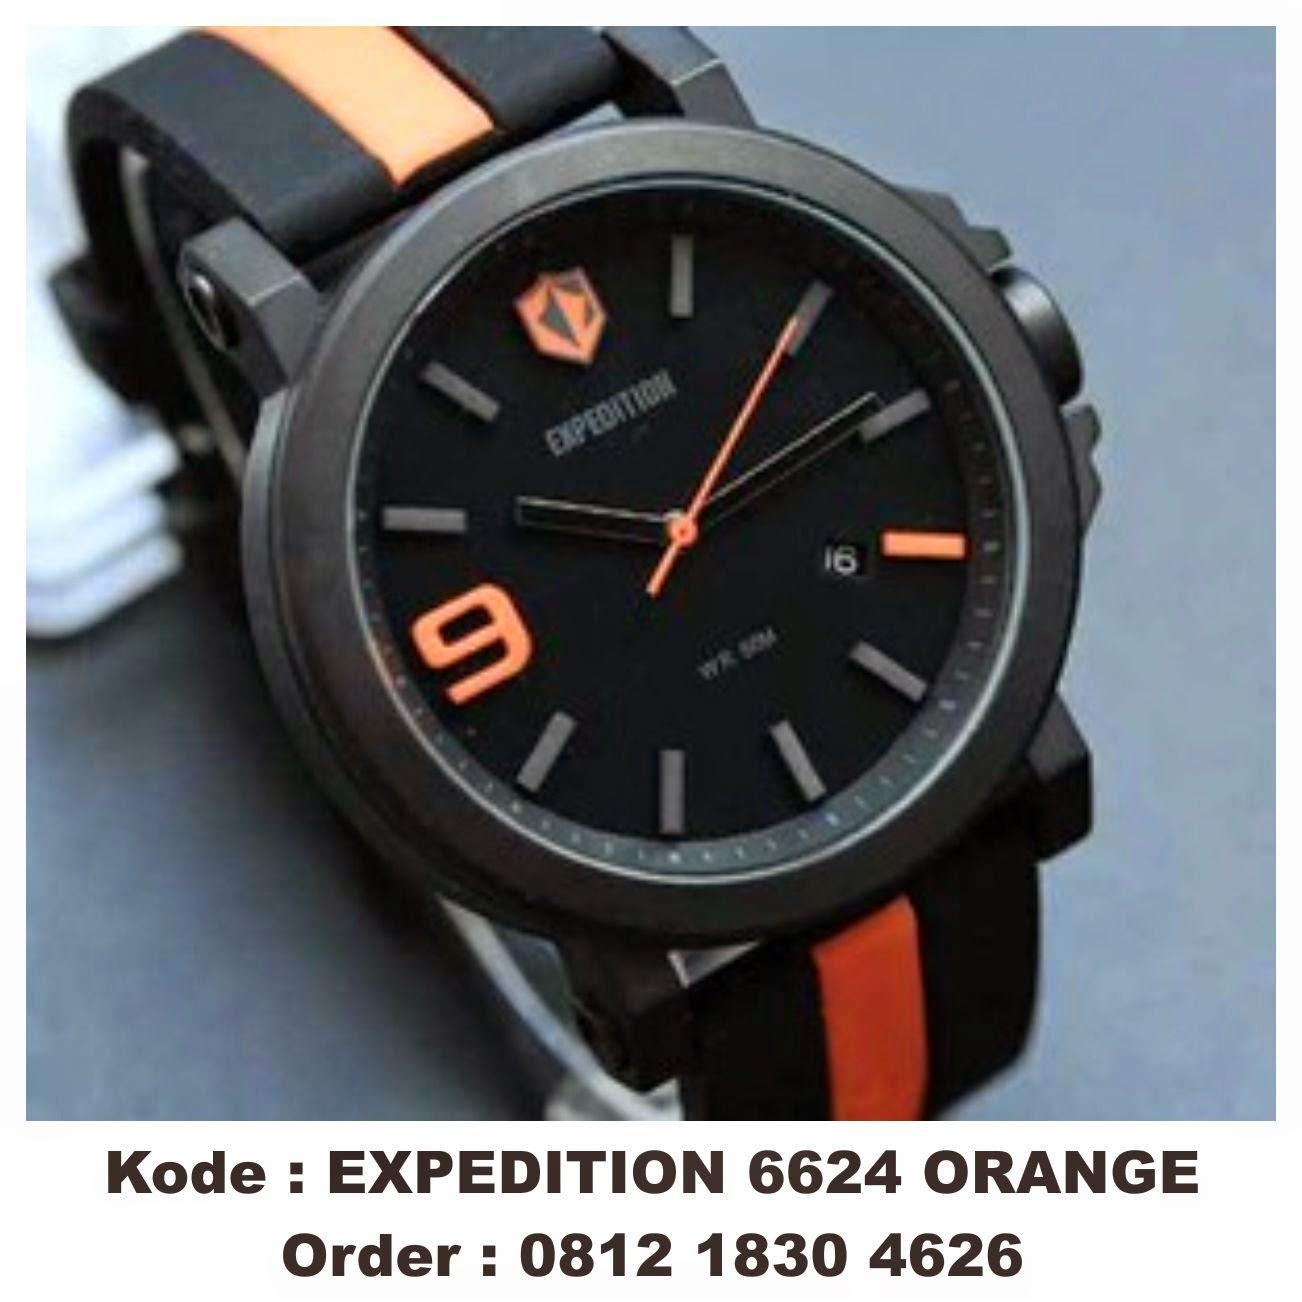 Jual Jam Tangan Expedition E6706 Triple Time Zone Harga E6665 Black 0812 1830 4626